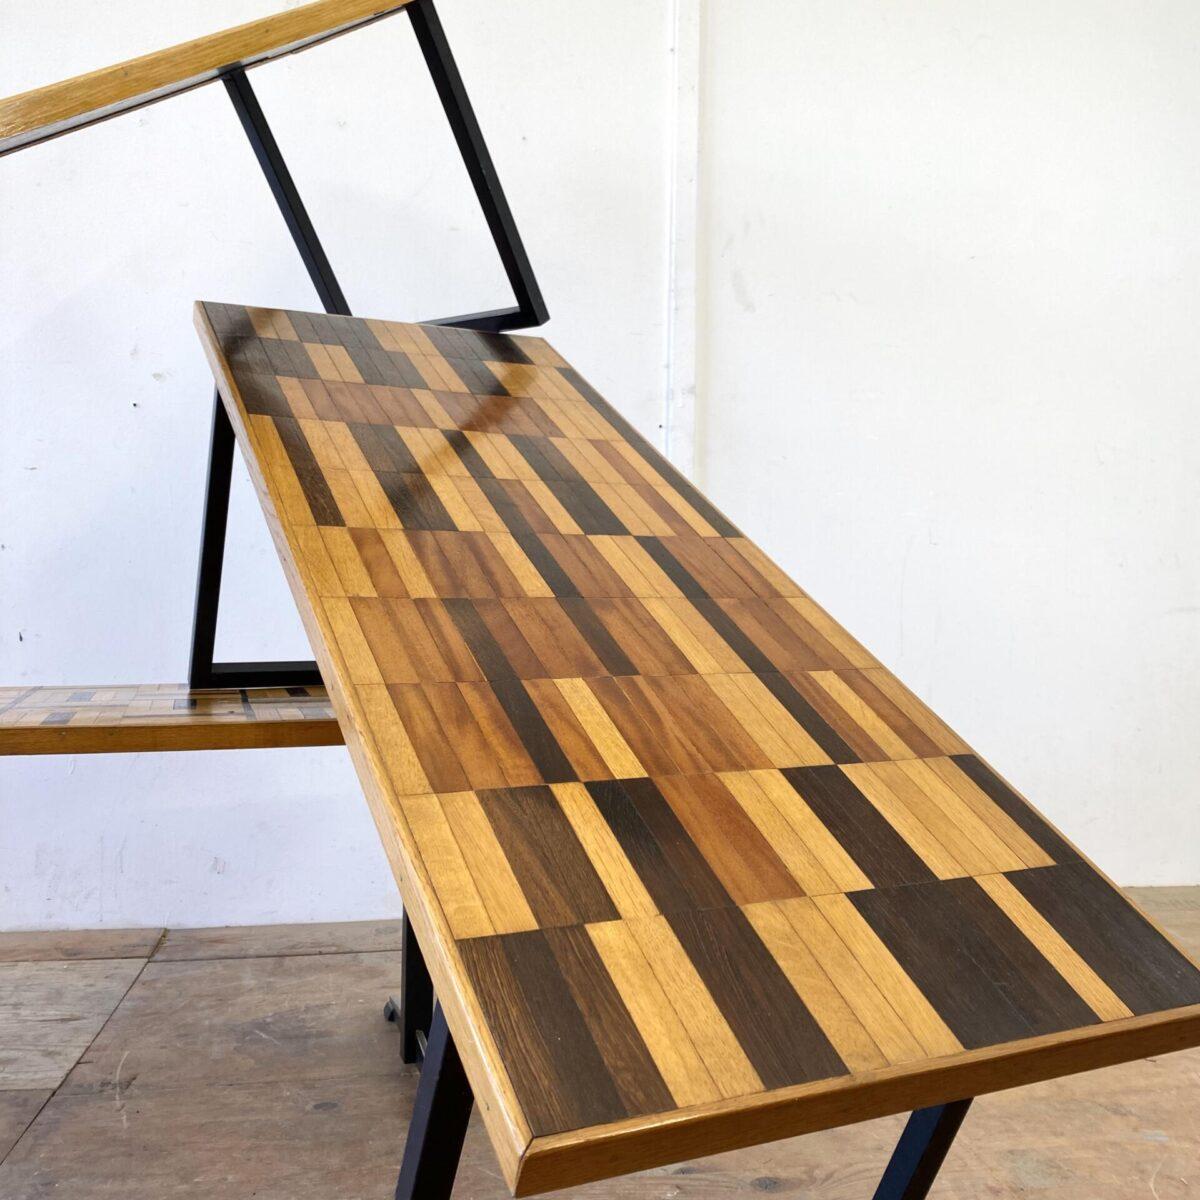 Deuxieme.shop vintage Tisch midcentury coffetable. Drei verschiedene Salontische mit Parkett Muster und schwarzen Metall Füssen. Preis pro Tisch. Masse leicht verschieden. Schachbrett Muster 122x47cm Höhe 43cm. Der zweite mit identischem Kufen Fuss 122x45cm Höhe 43cm. Der Tisch mit dem T-Fuss 126x50cm Höhe 46cm.